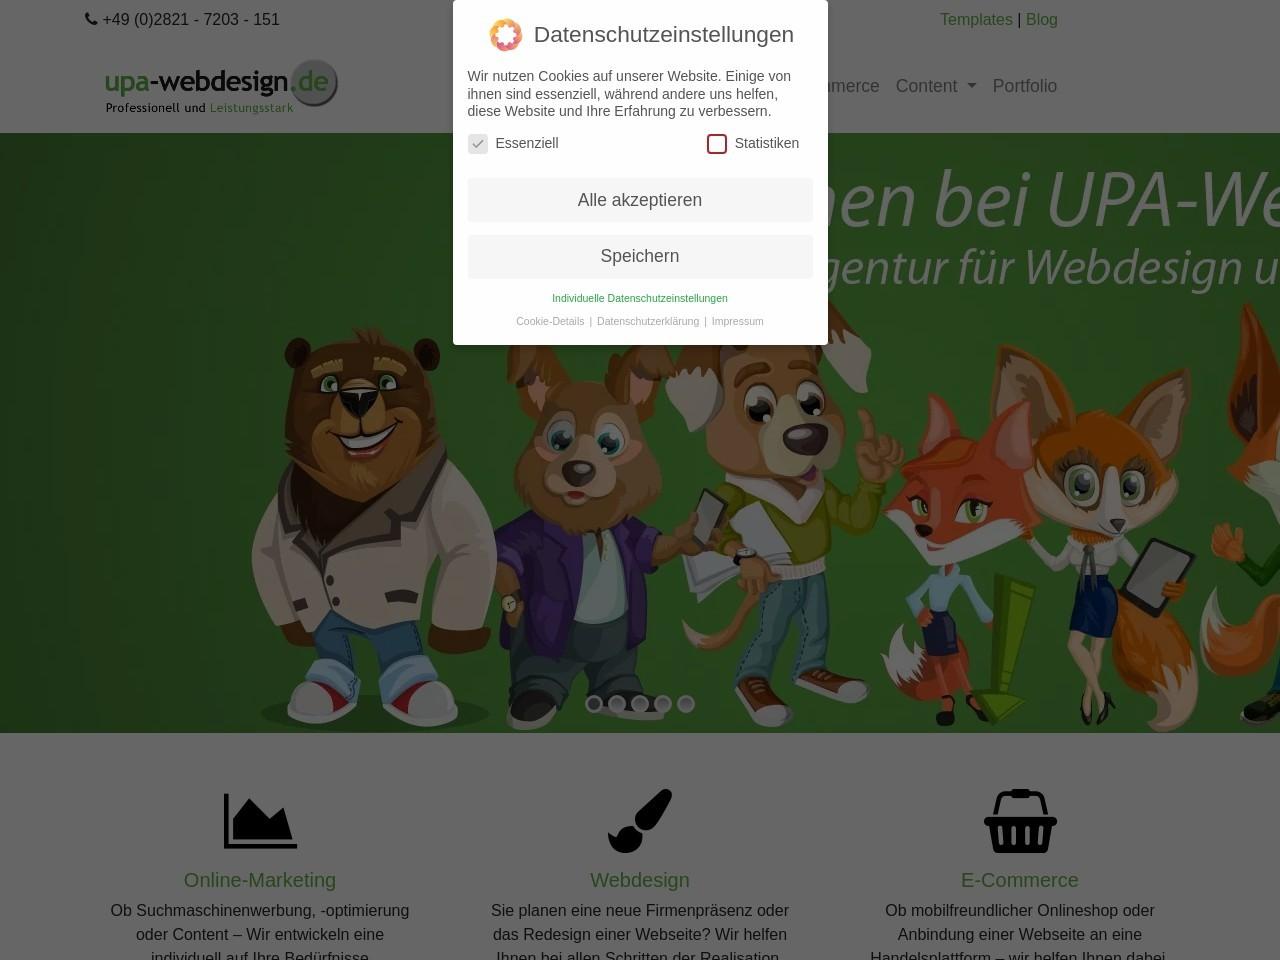 Vorschau auf UPA-Webdesign